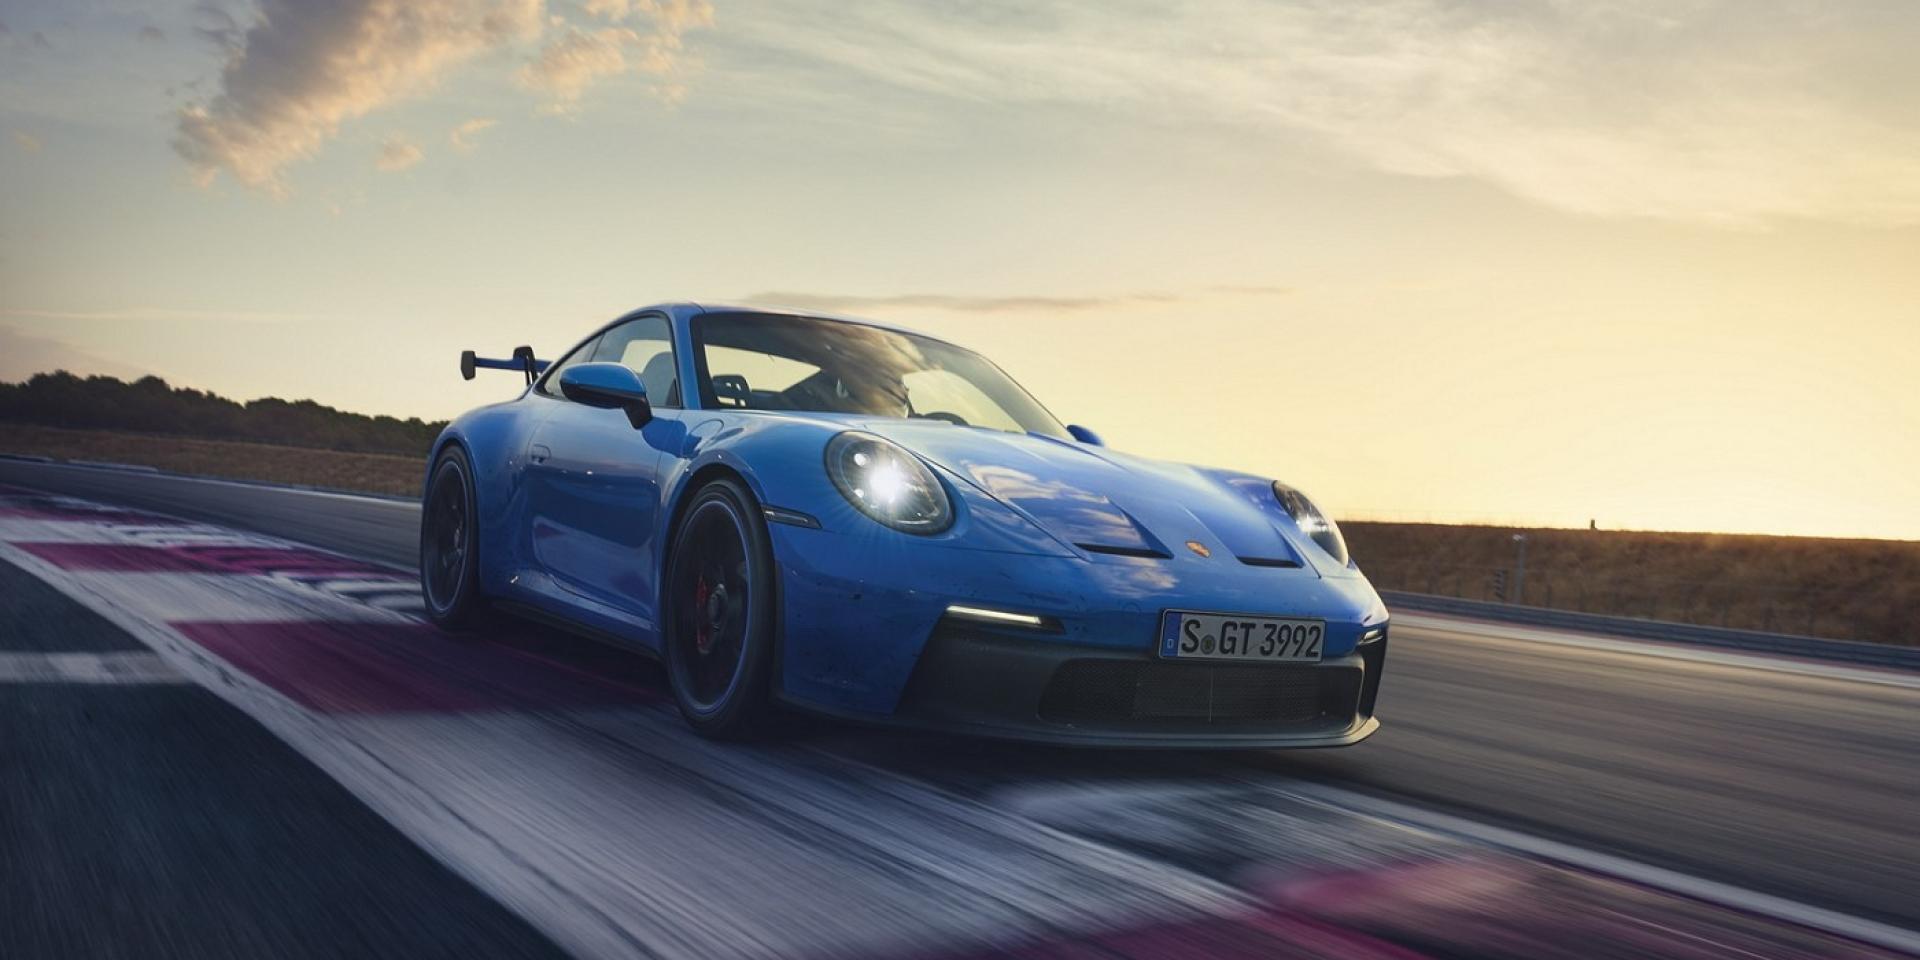 全面進化大升級,Porsche新世代911 GT3震撼登場